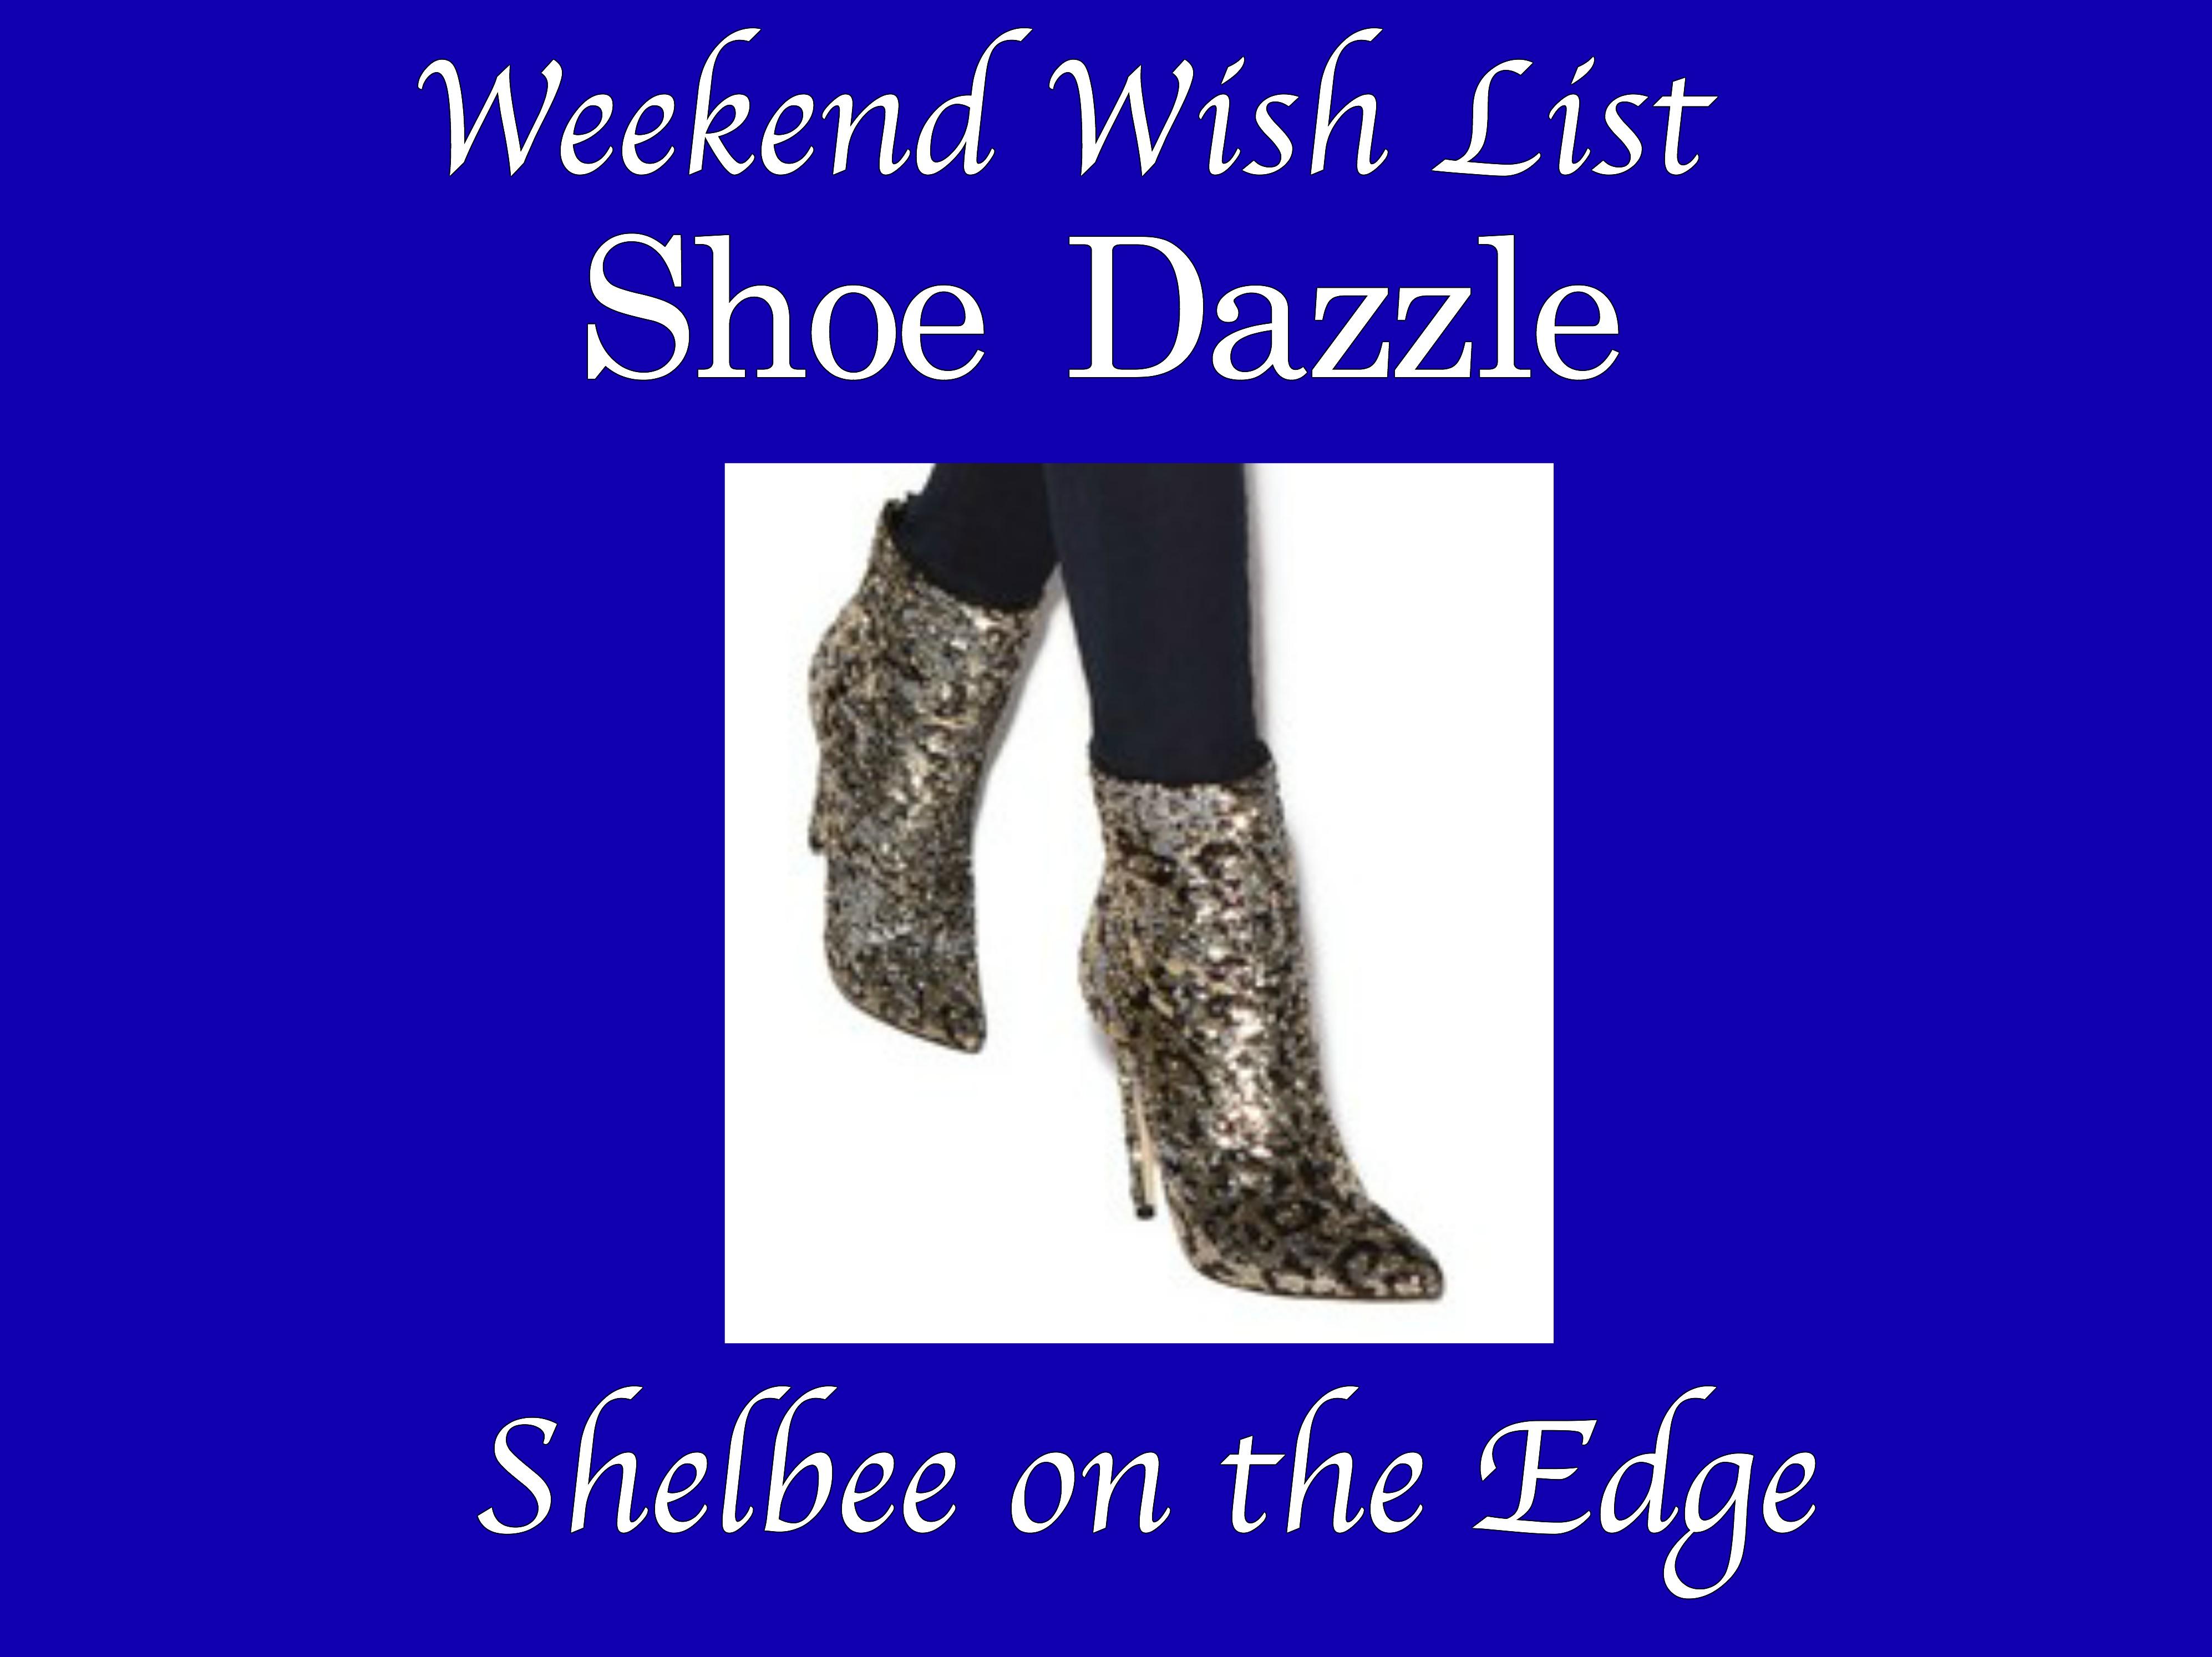 Weekend Wish List: Shoe Dazzle